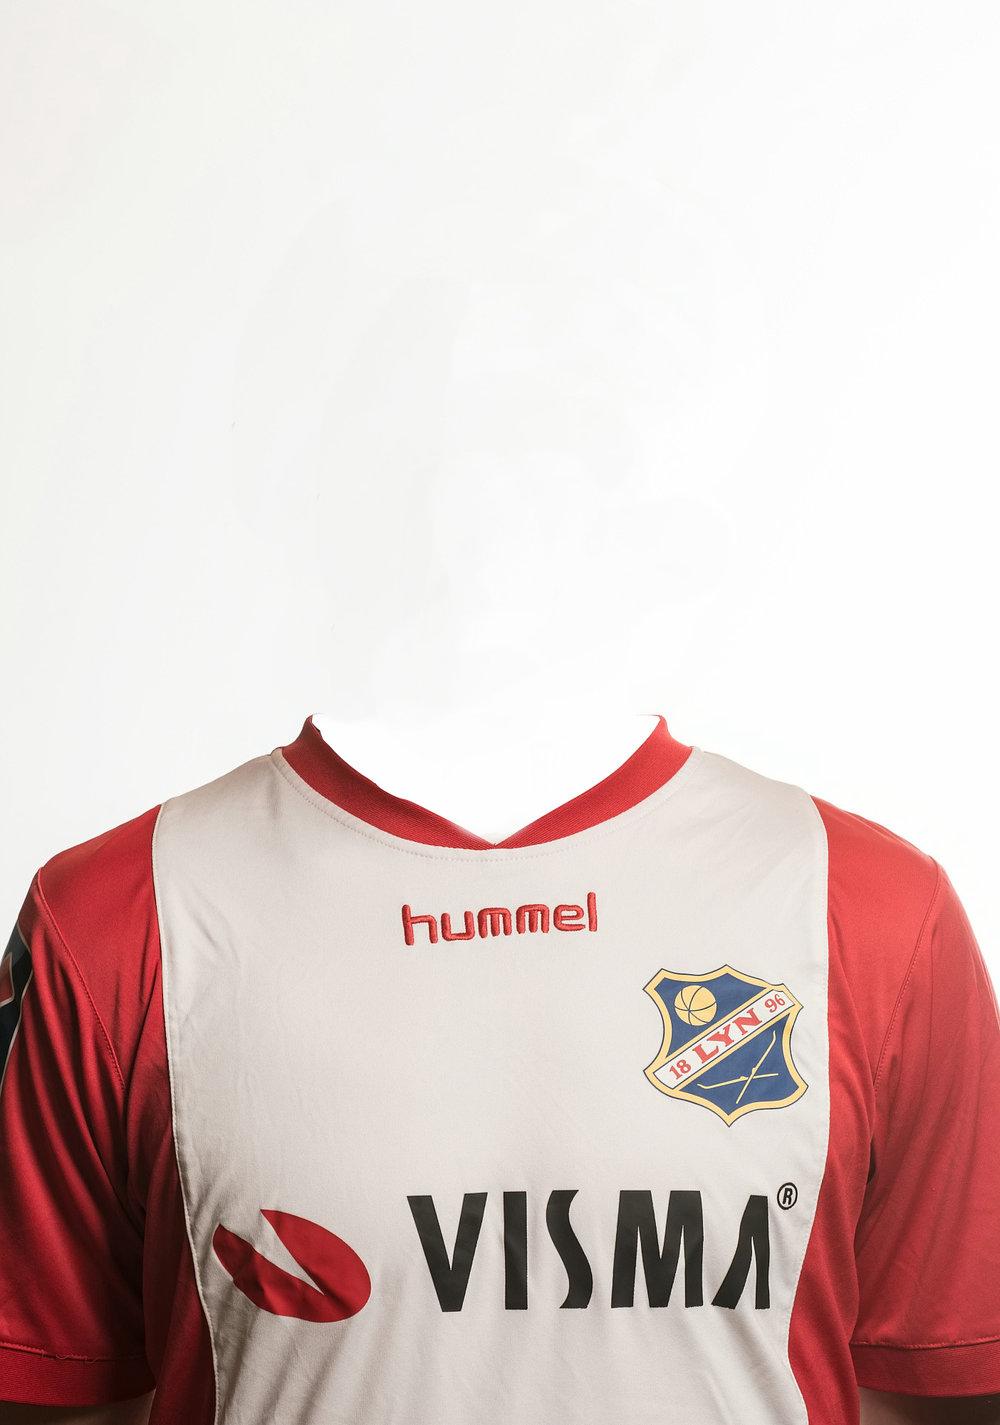 - Bilde kommerTidligere klubber: Egen junioravdelingPosisjon: KeeperKom til Lyn: 2014